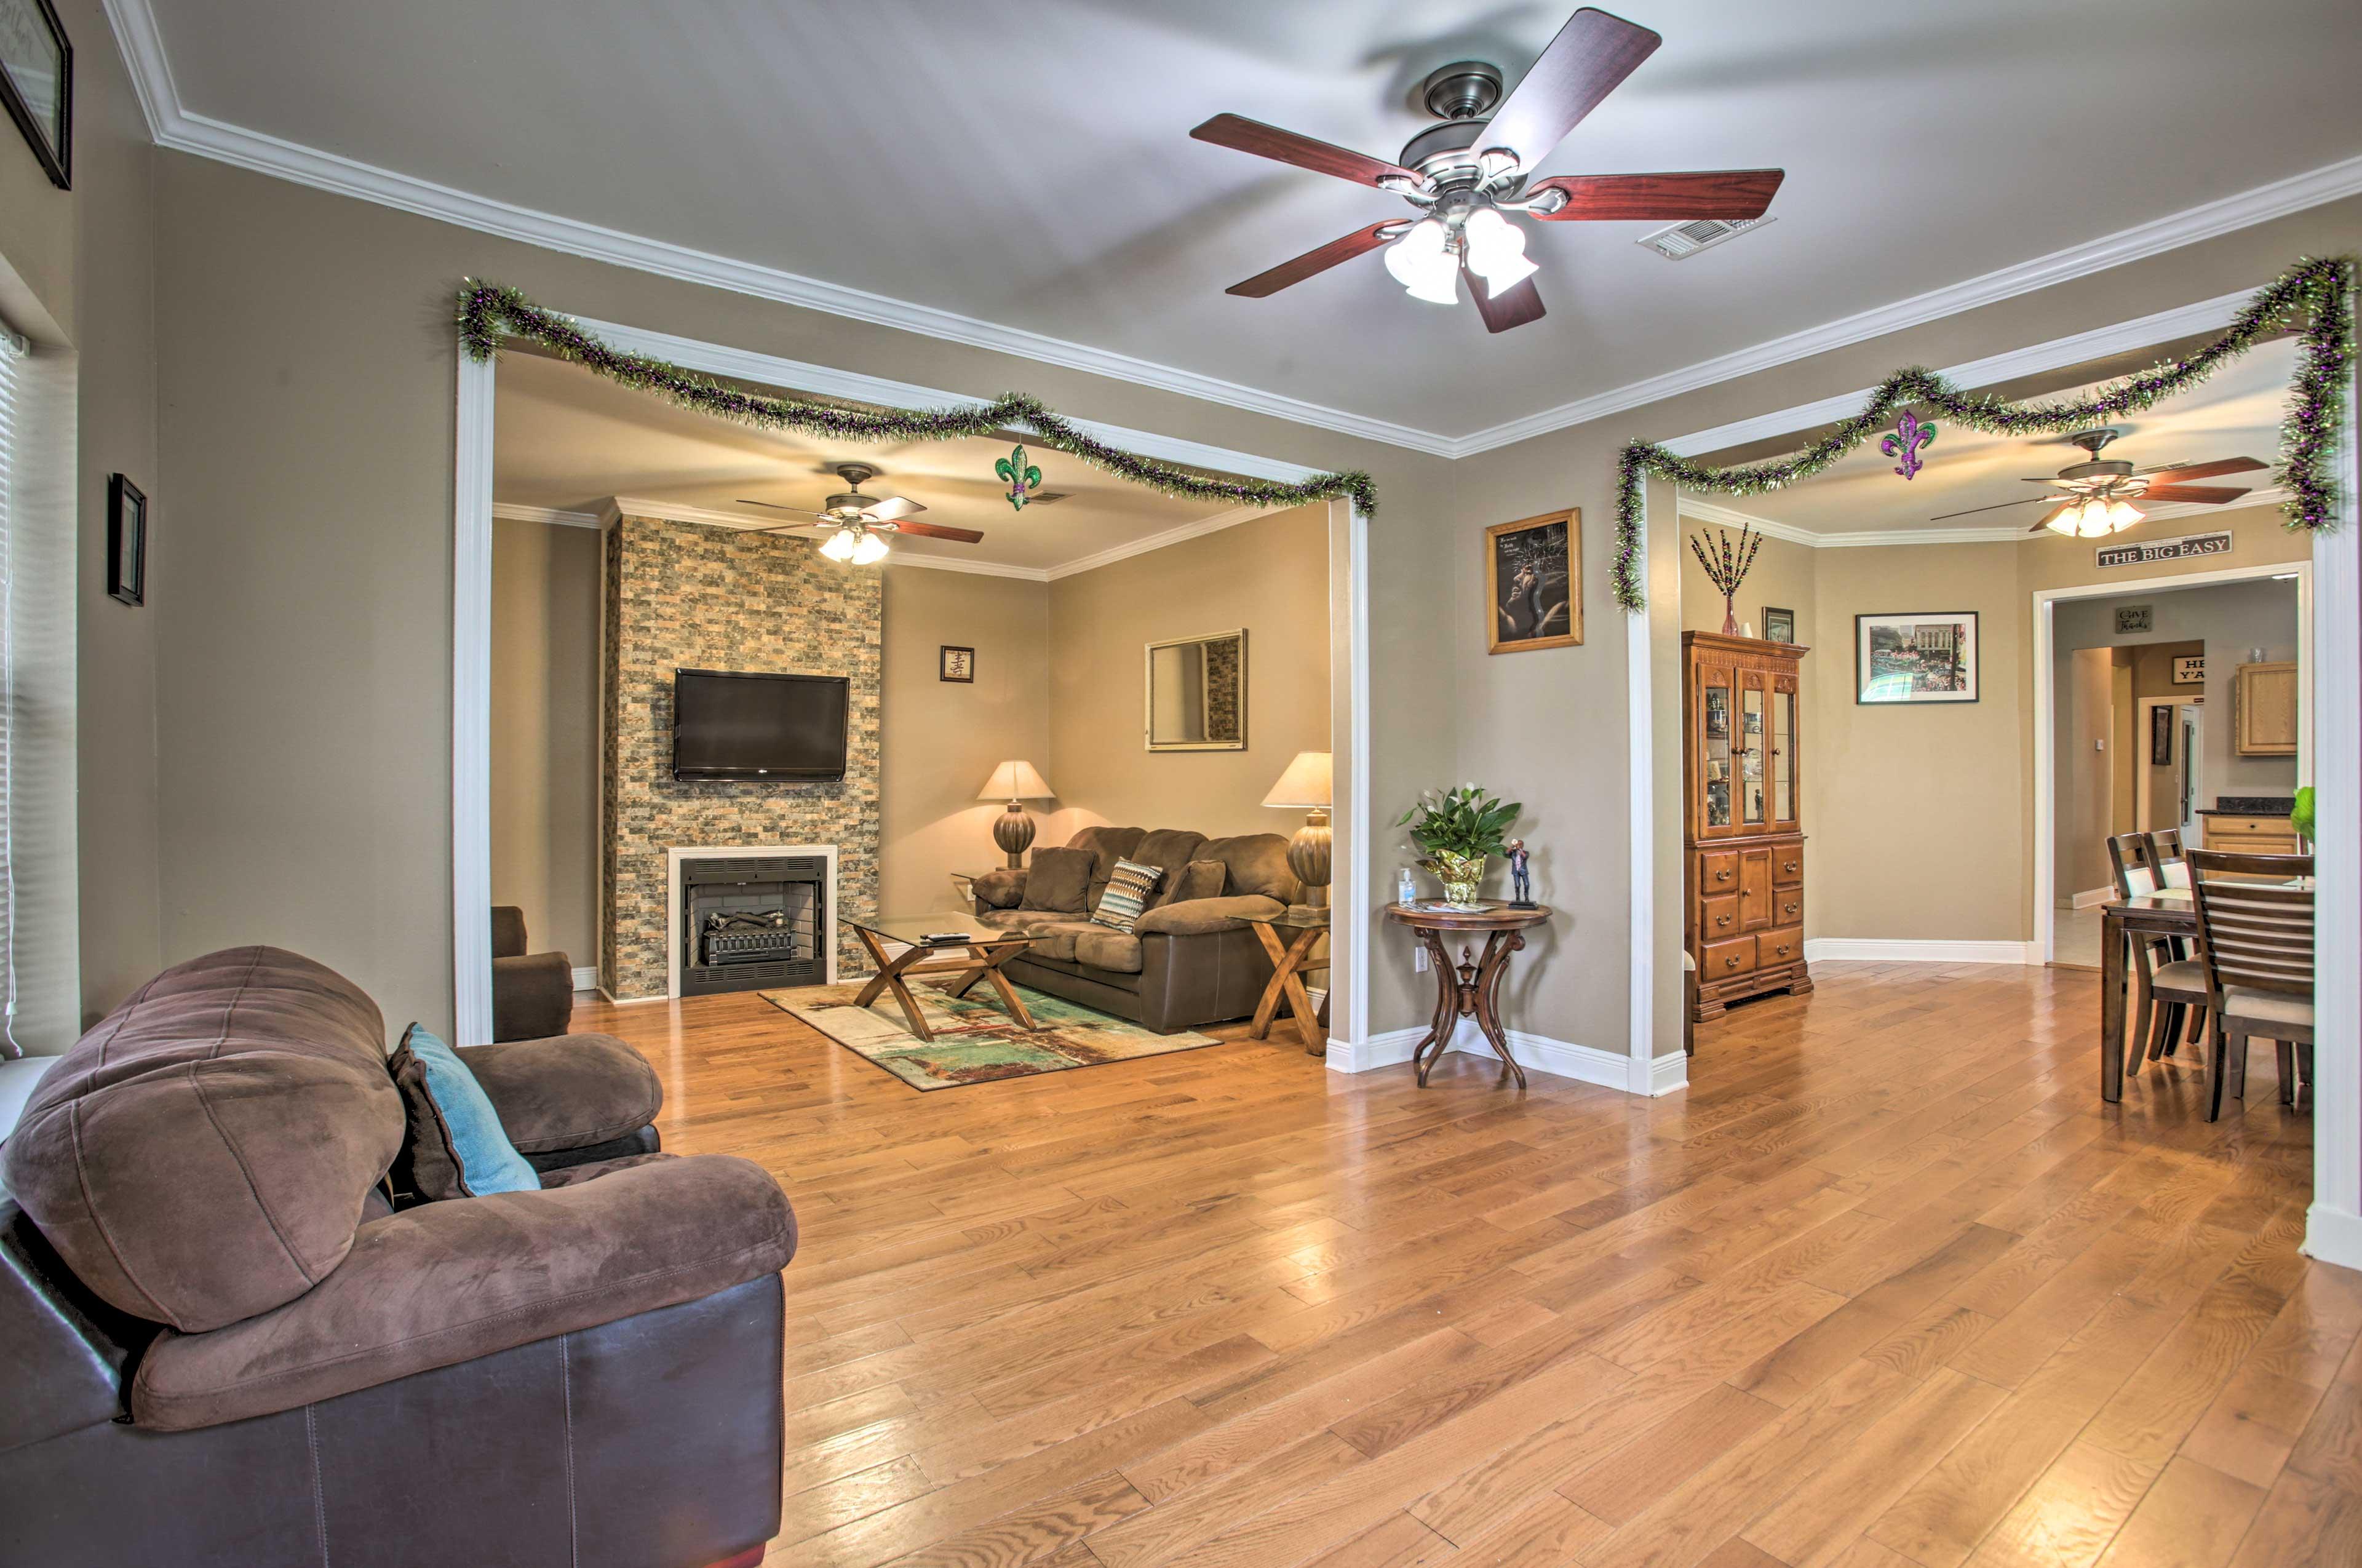 Living Room | Hardwood Floors | 10' Ceilings